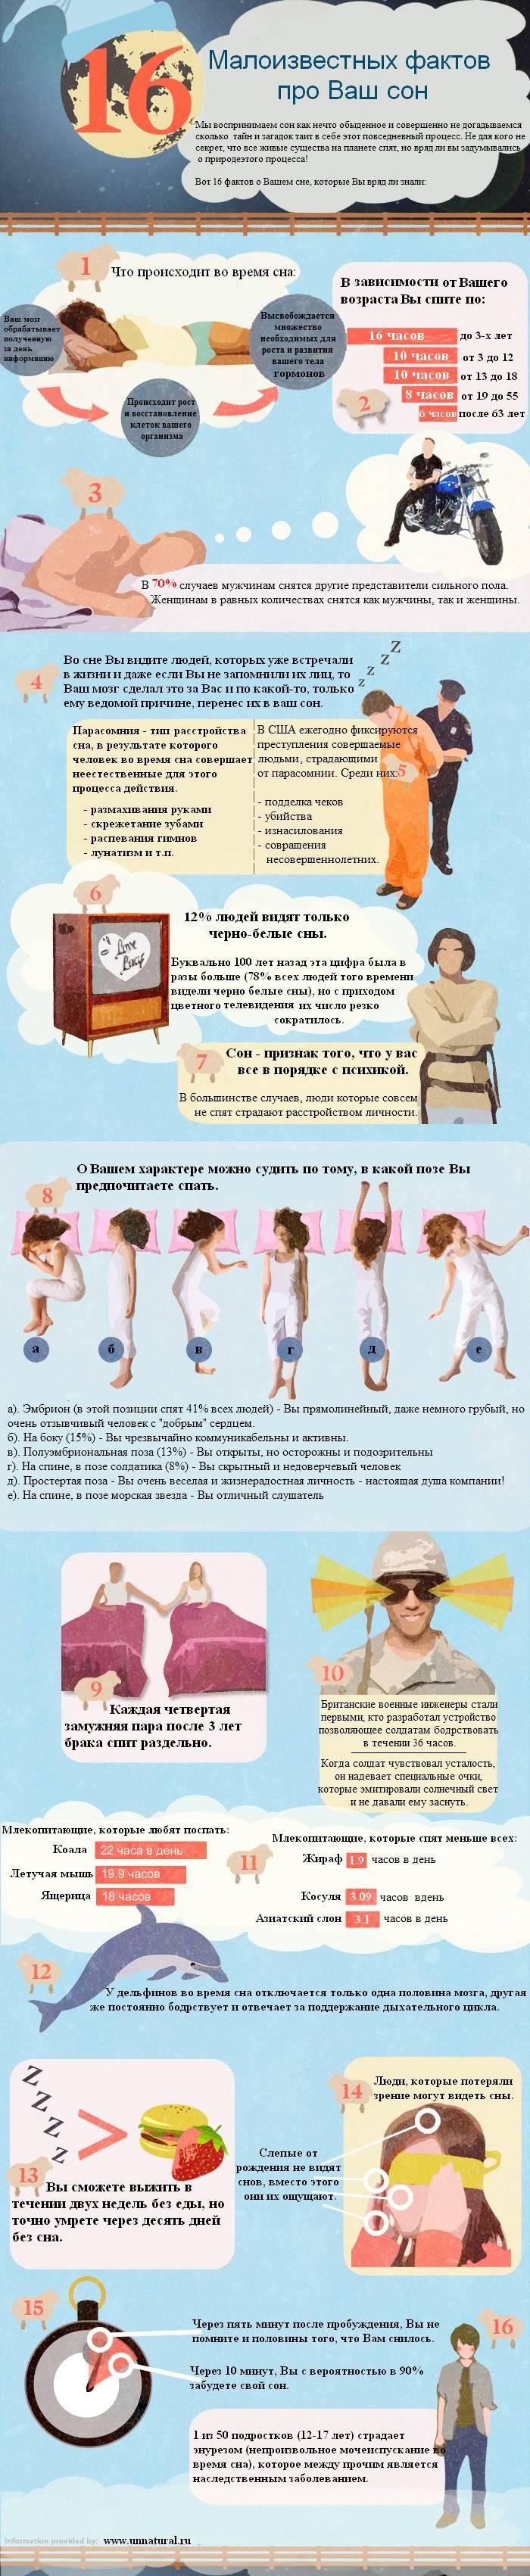 sleep facts1 16 Малоизвестных фактов про Ваш сон